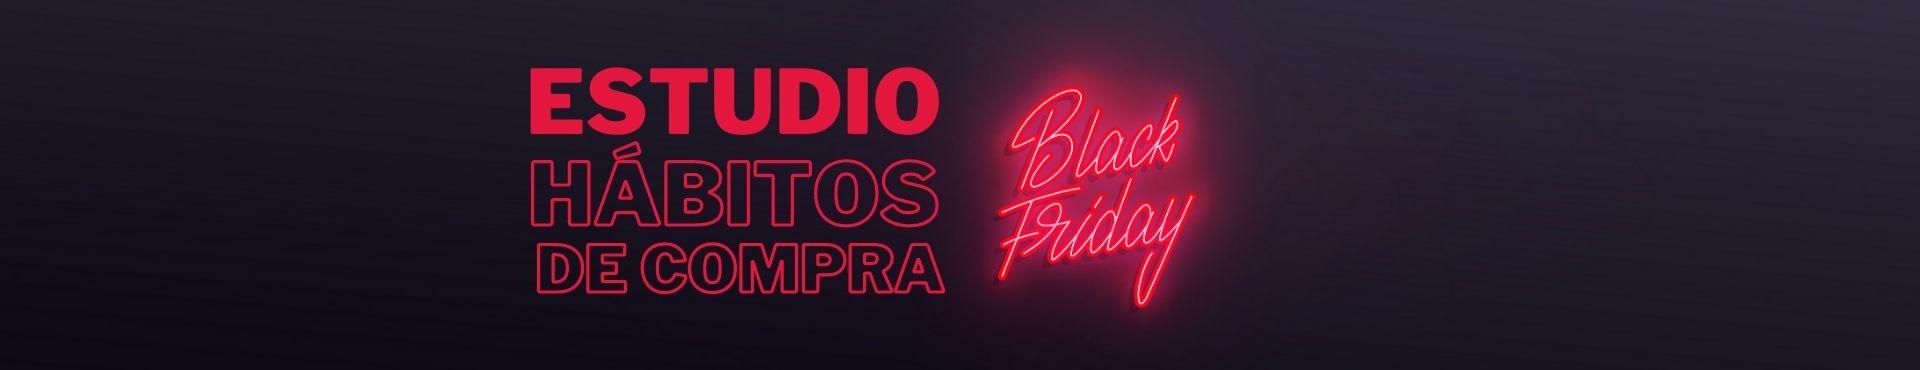 Estudio Black Friday de Hábitos de Compra en España 2020